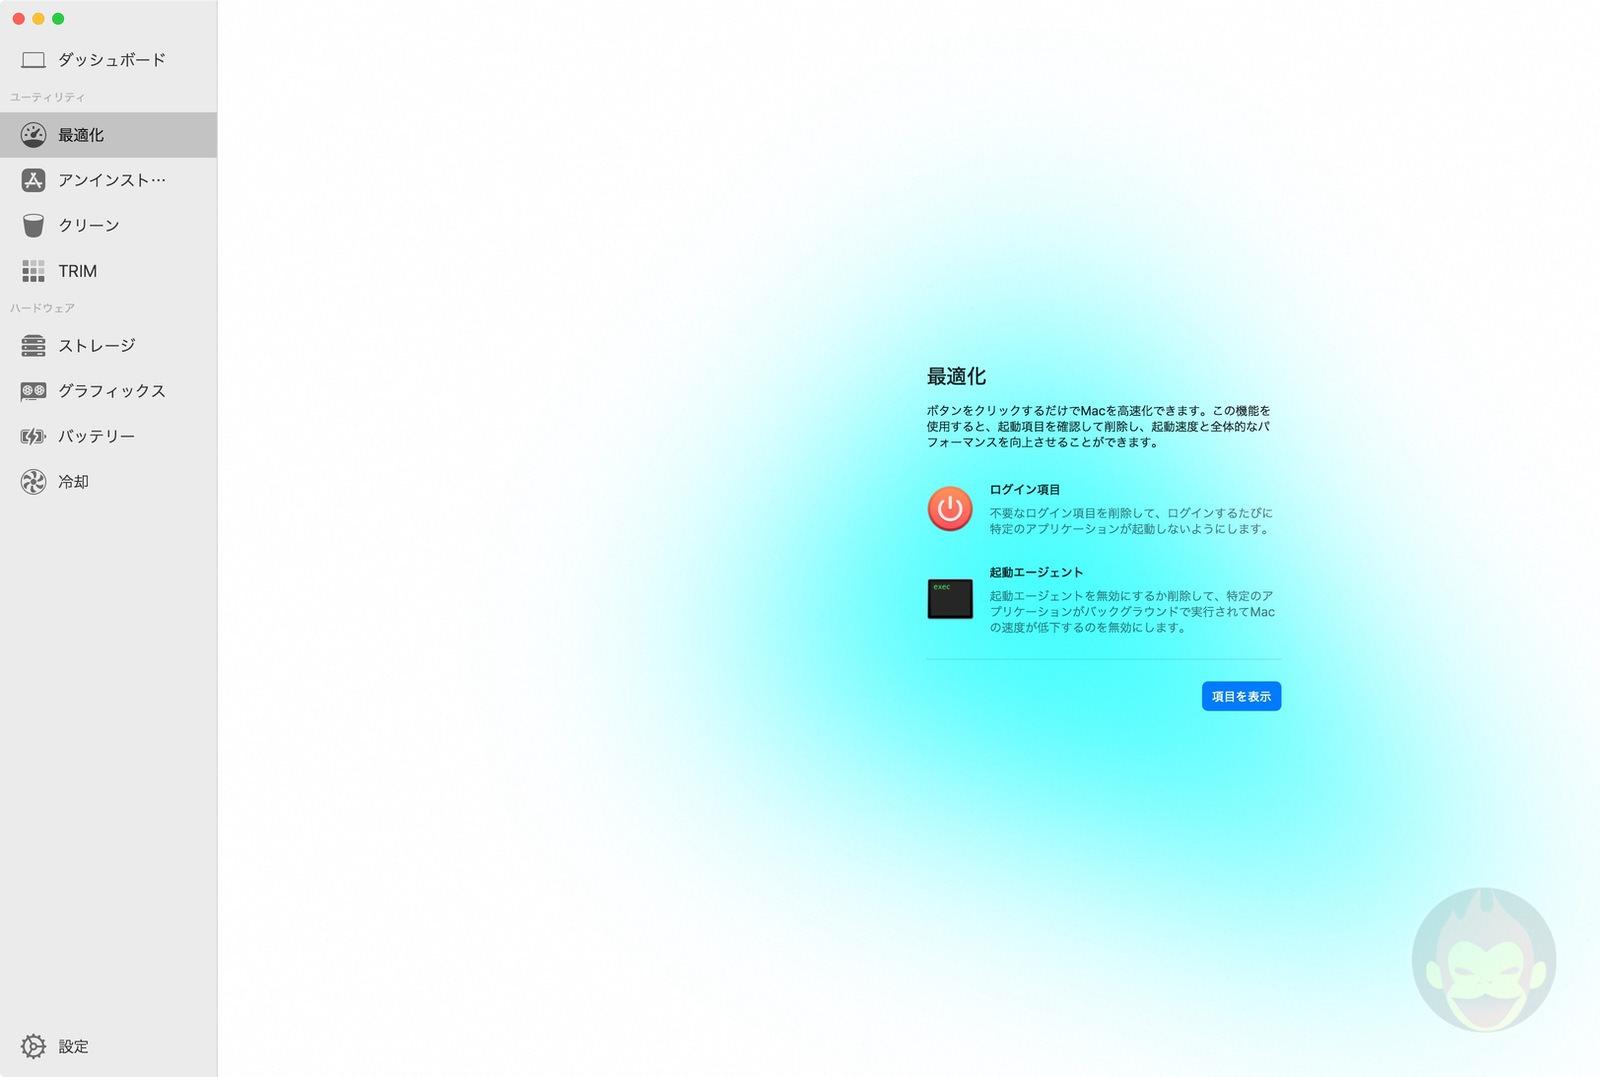 Sensei-Mac-Performance-tool-08.jpg